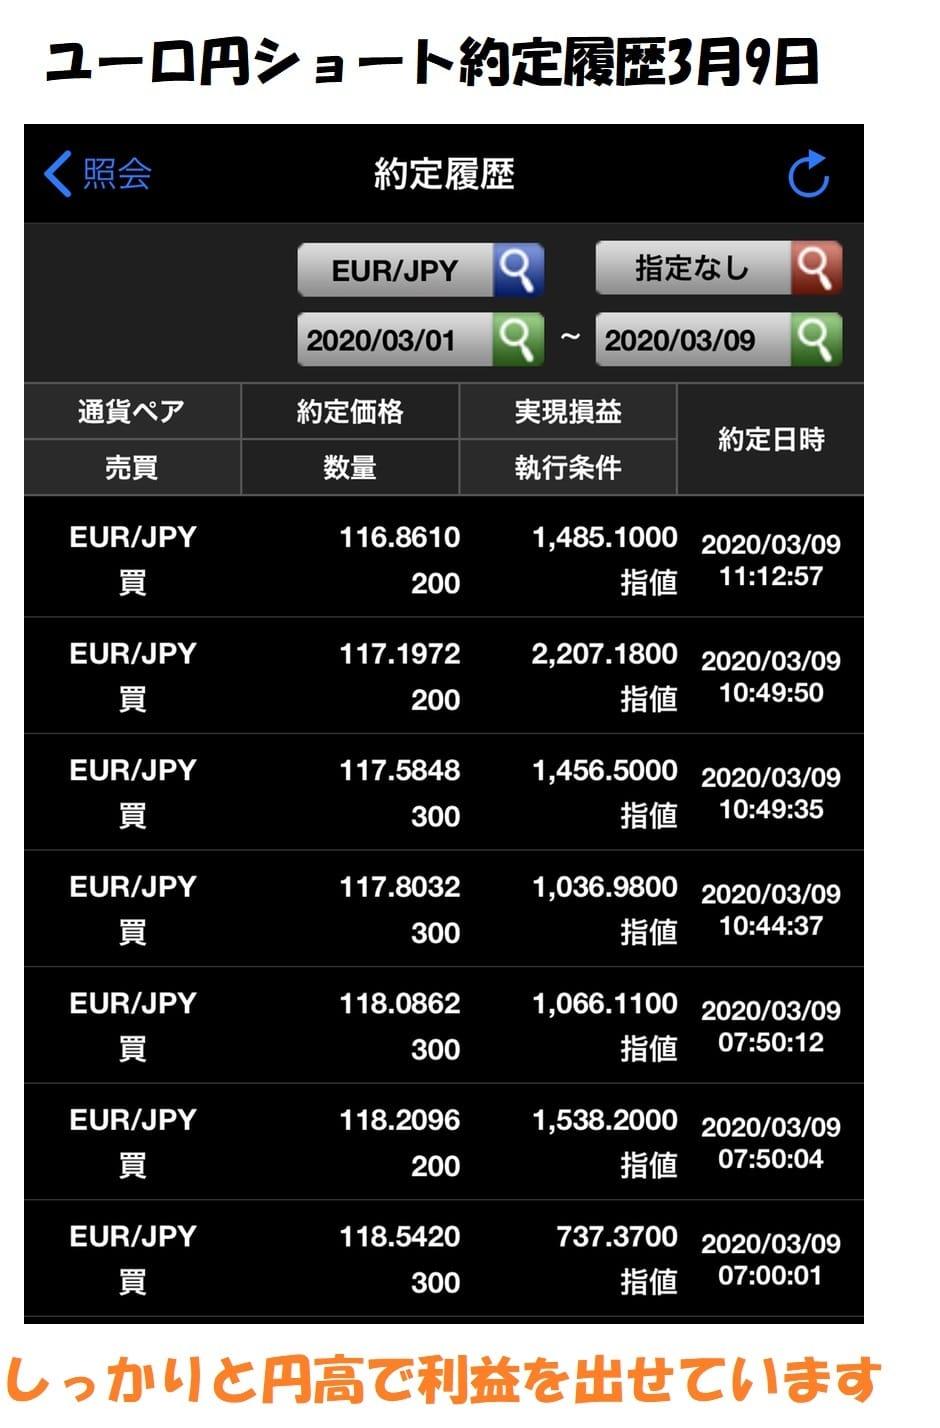 ユーロ円約定履歴2020年3月